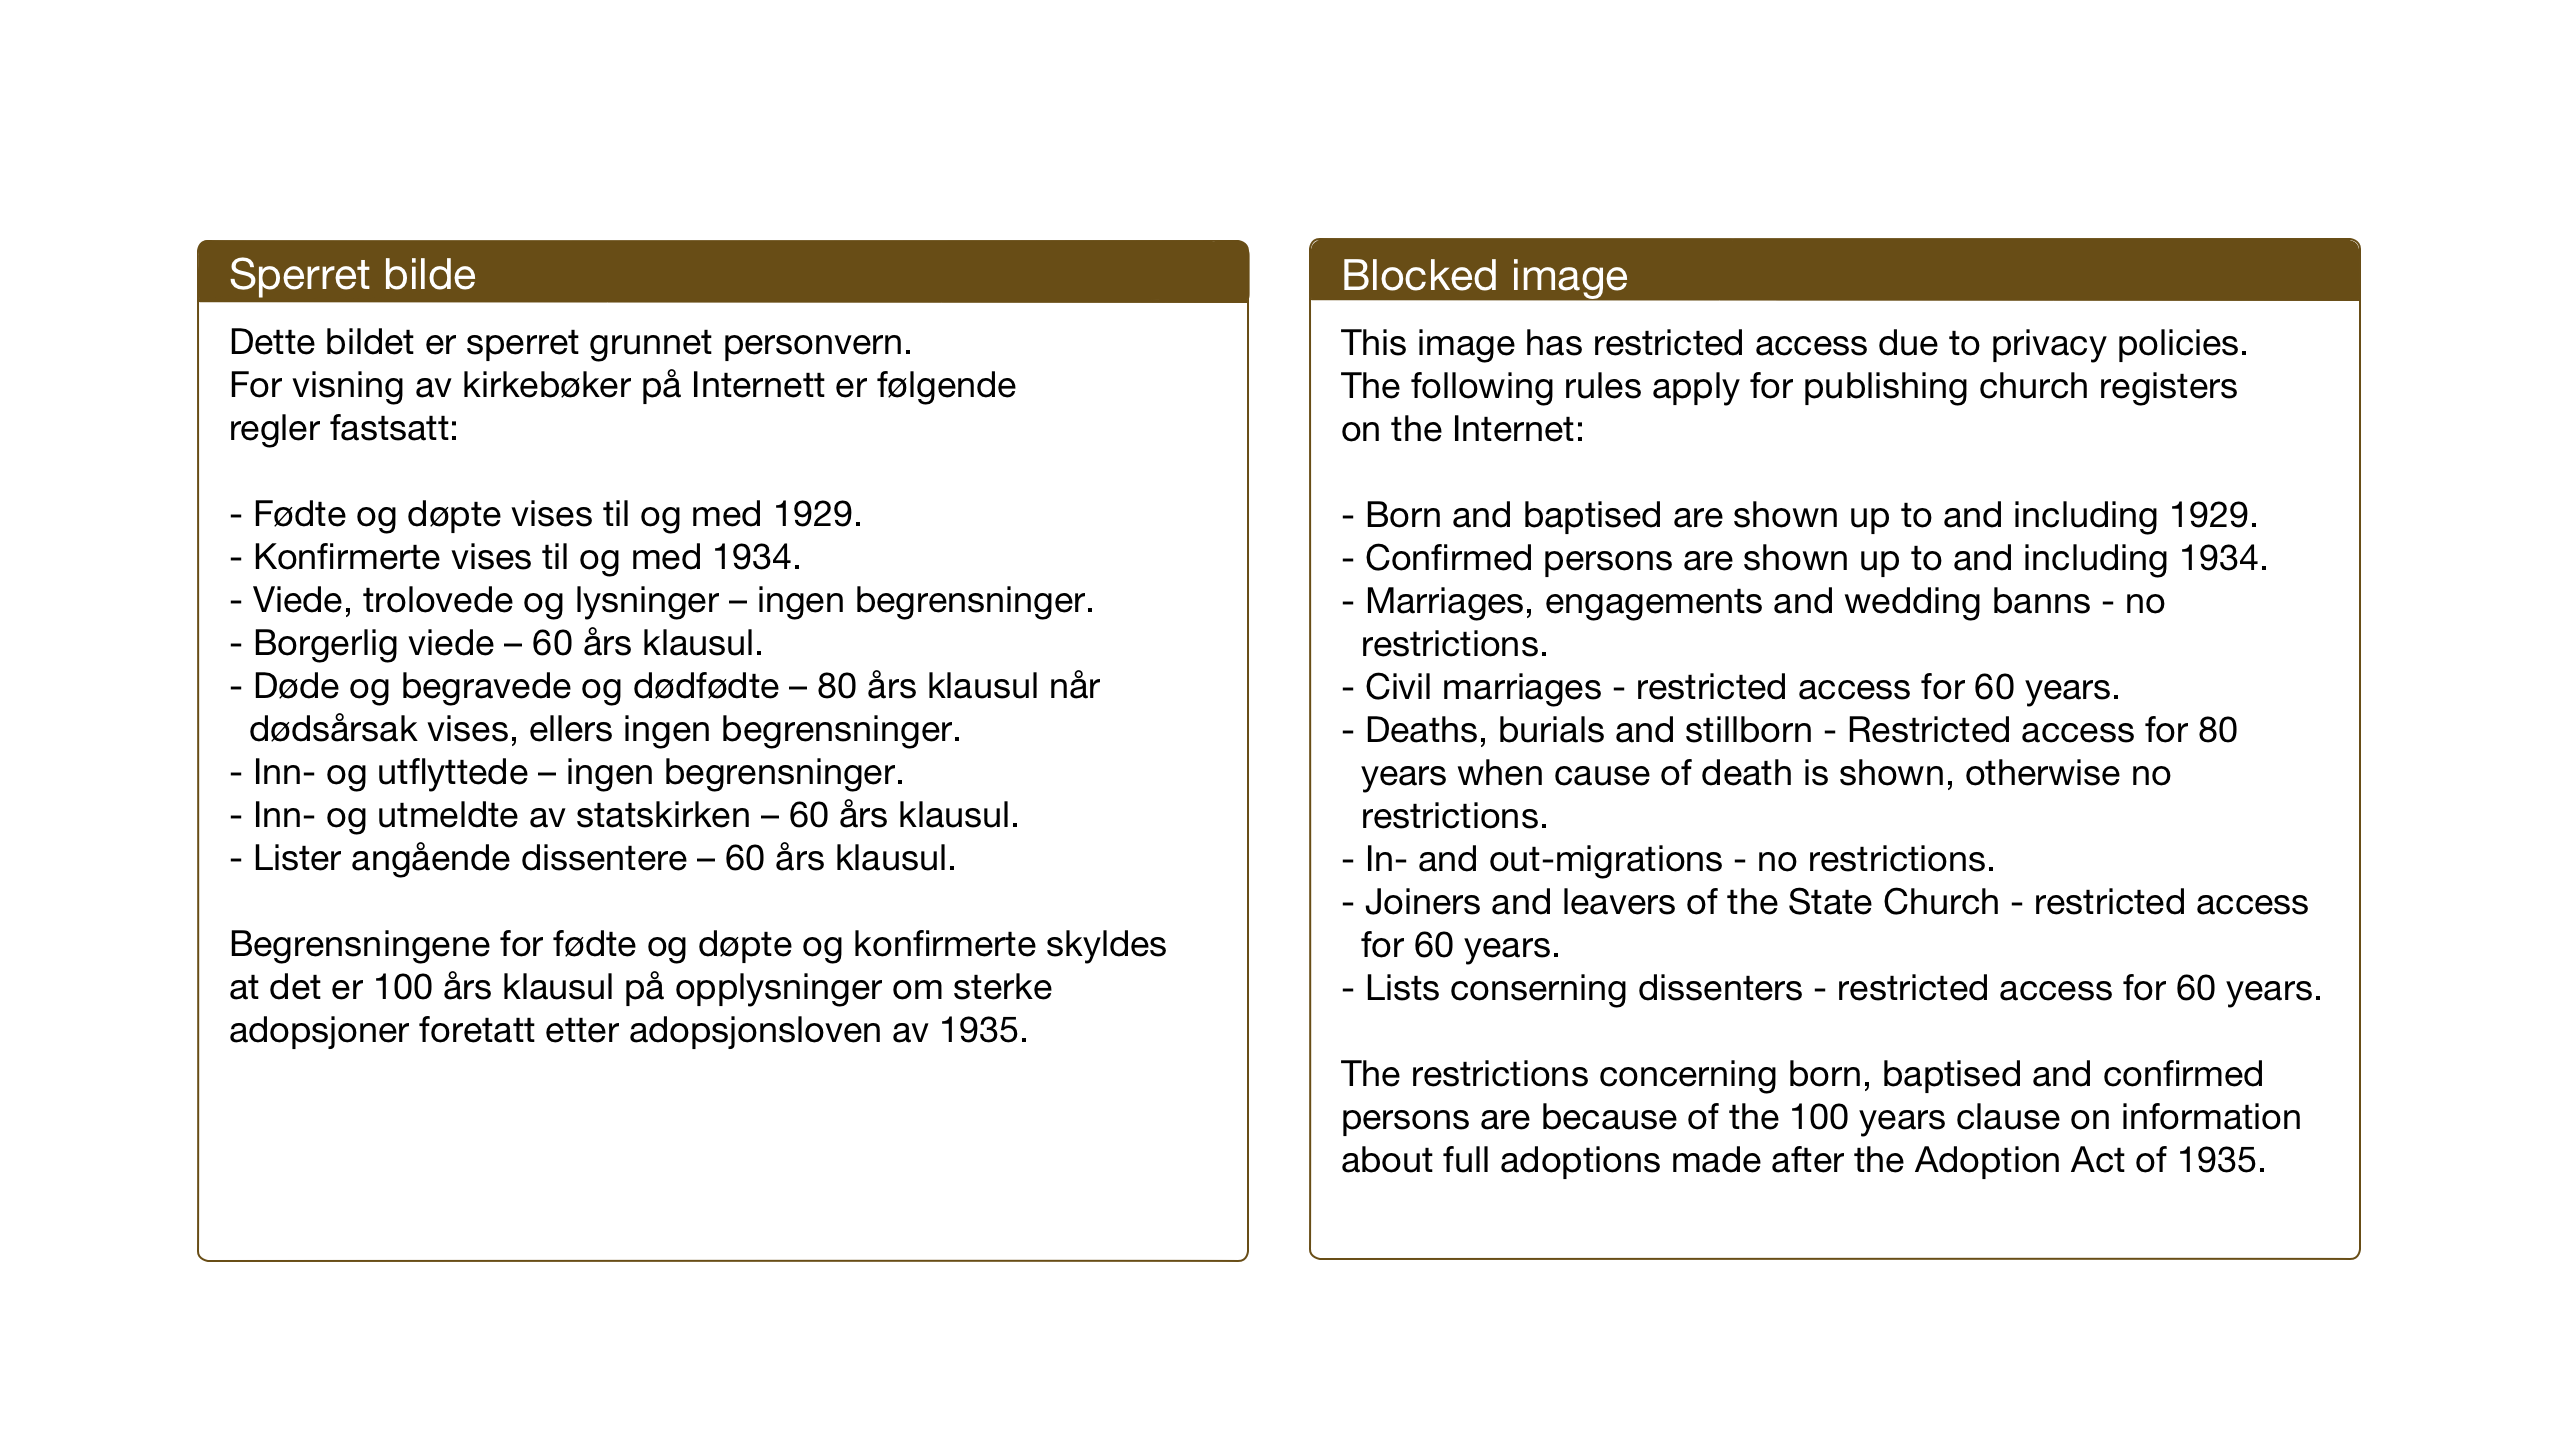 SAT, Ministerialprotokoller, klokkerbøker og fødselsregistre - Sør-Trøndelag, 669/L0832: Klokkerbok nr. 669C02, 1925-1953, s. 92